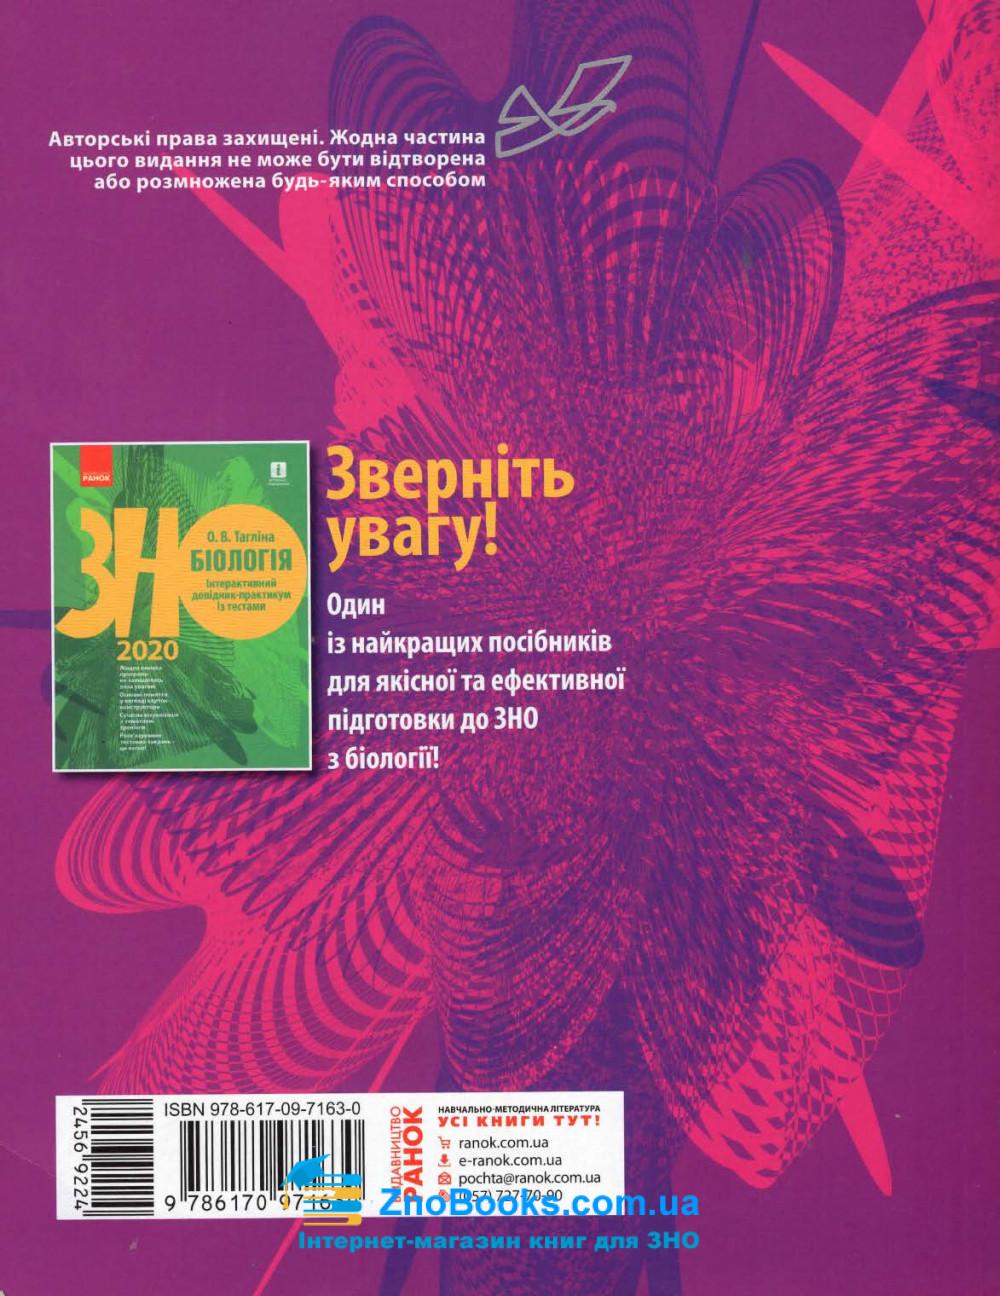 ХІМІЯ ЗНО 2022. ІНТЕРАКТИВНИЙДОВІДНИК-ПРАКТИКУМ : ГРИГОРОВИЧ. РАНОК КУПИТИ 11